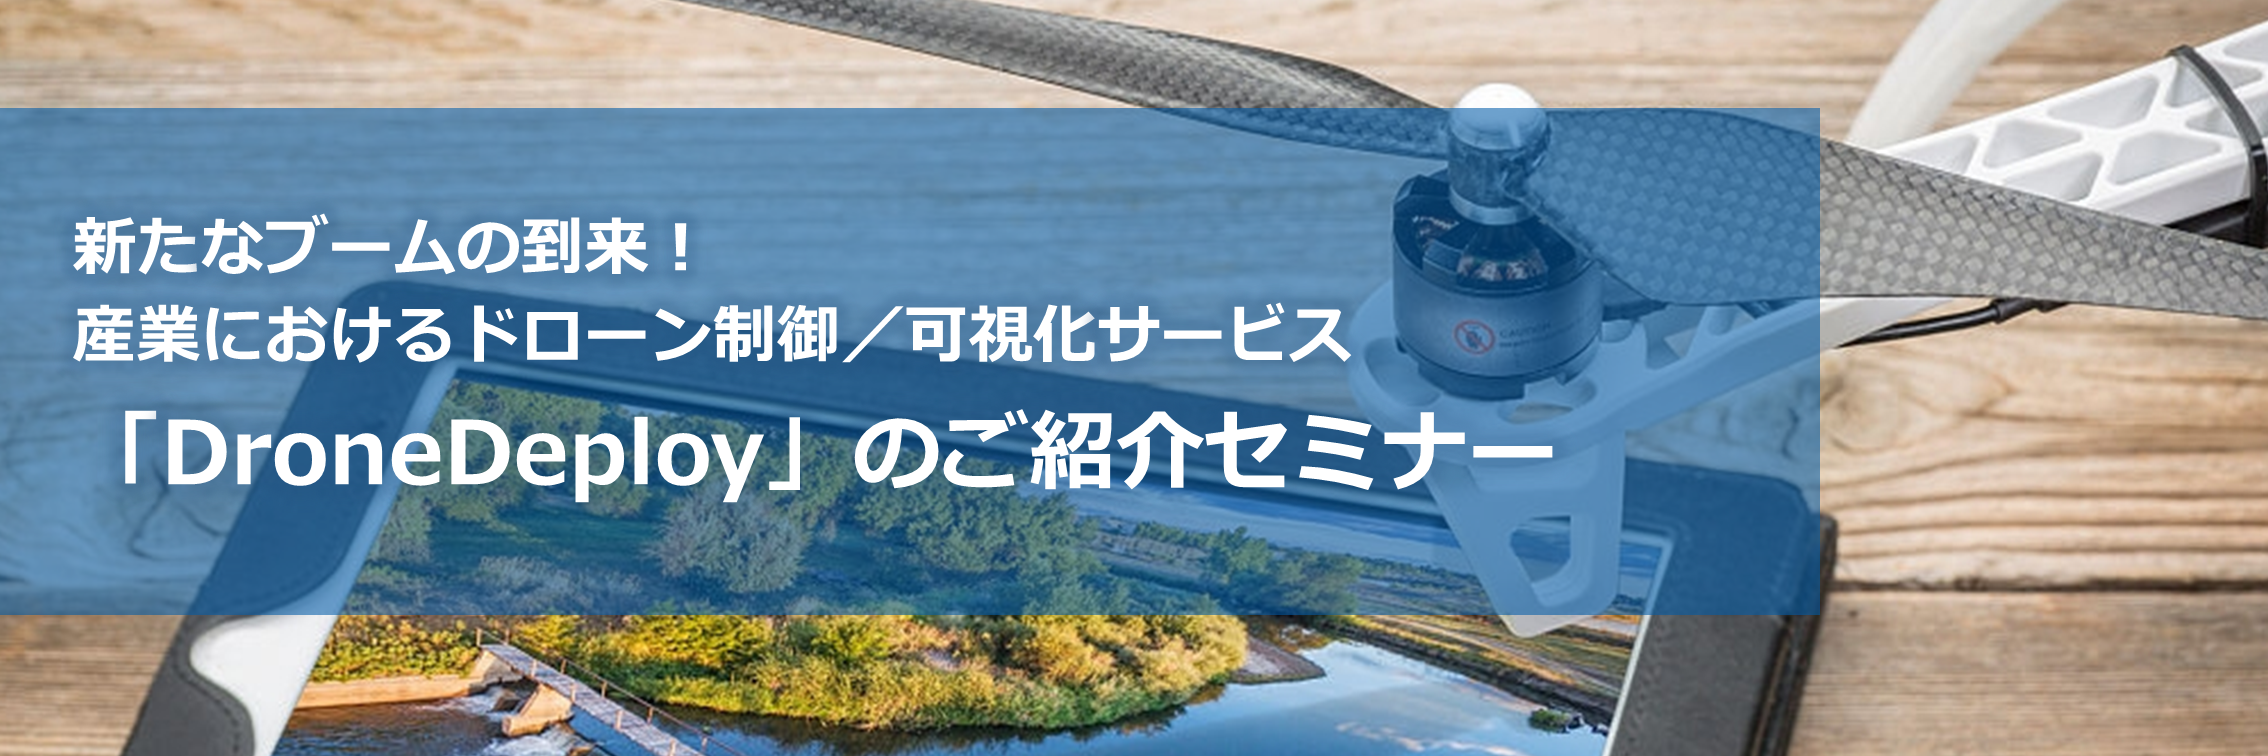 最新の「Phantom 4 RTK」の検証結果も 商用ドローン向けクラウドサービス「DroneDeploy」無料セミナー10/25開催